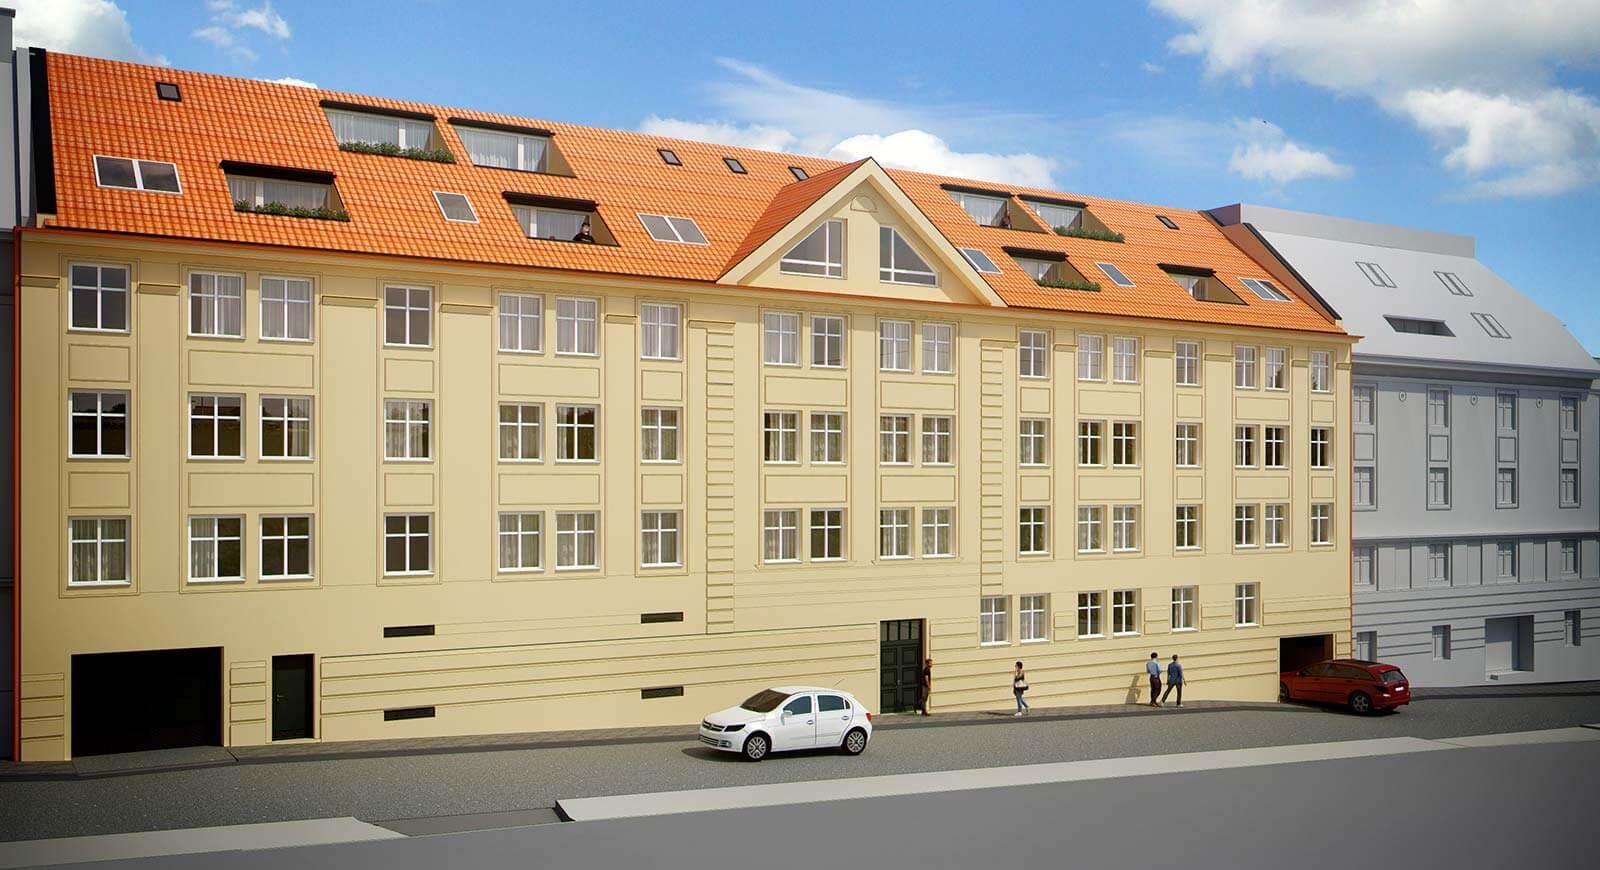 Predané: Novostavba posledný 1 izbový byt, širšie centrum v Bratislave, Beskydská ulica, 44,87m2, štandard, terasa 40m2-6